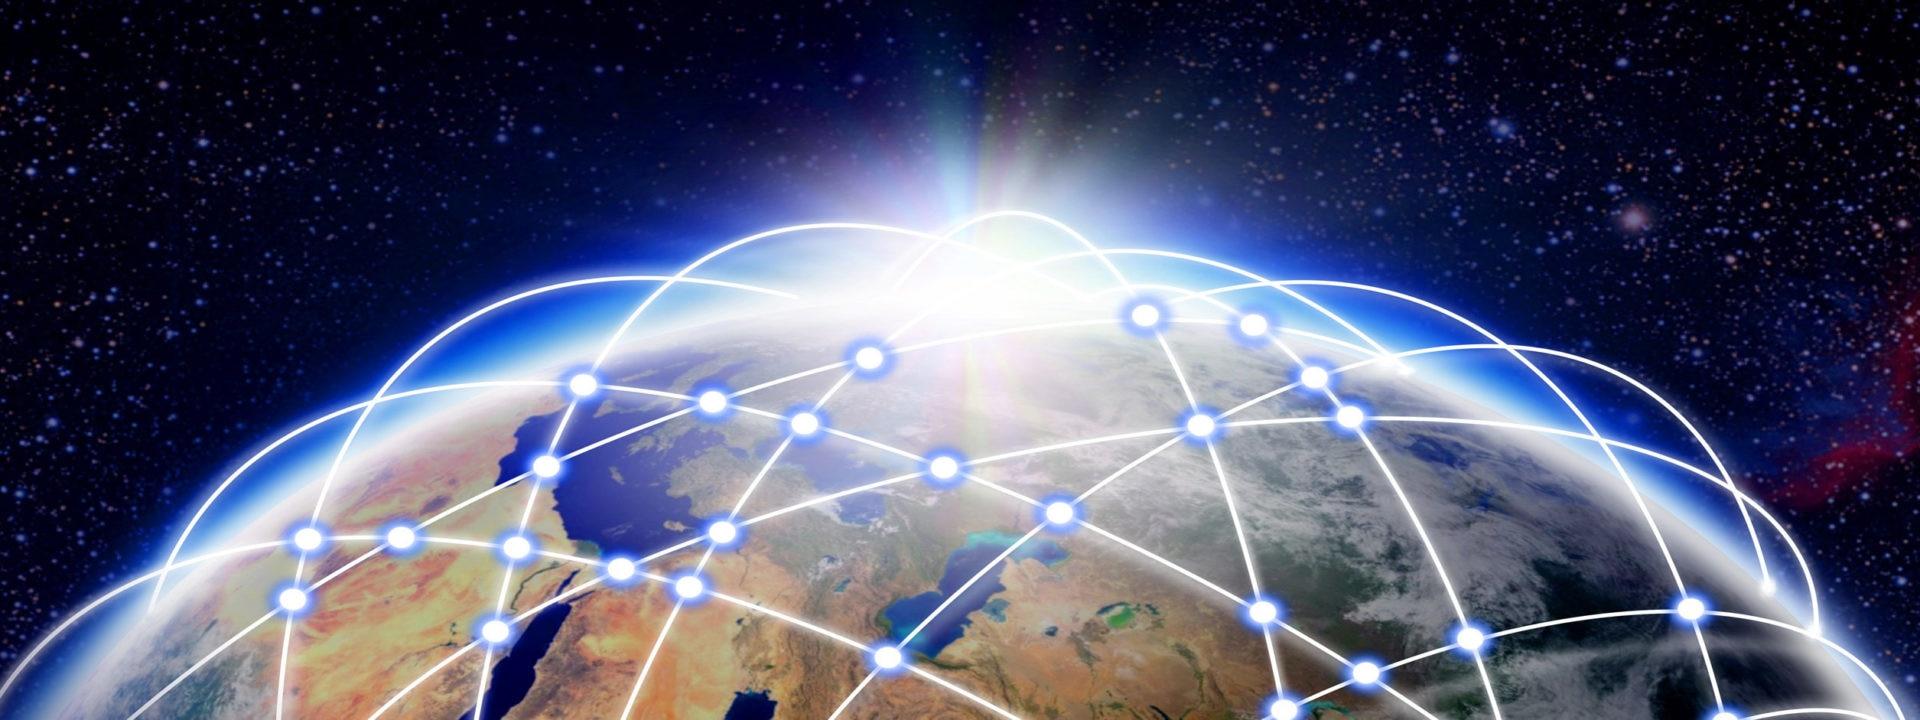 Mundo digital recurso fintech tecnología innovacion países planeta conectado